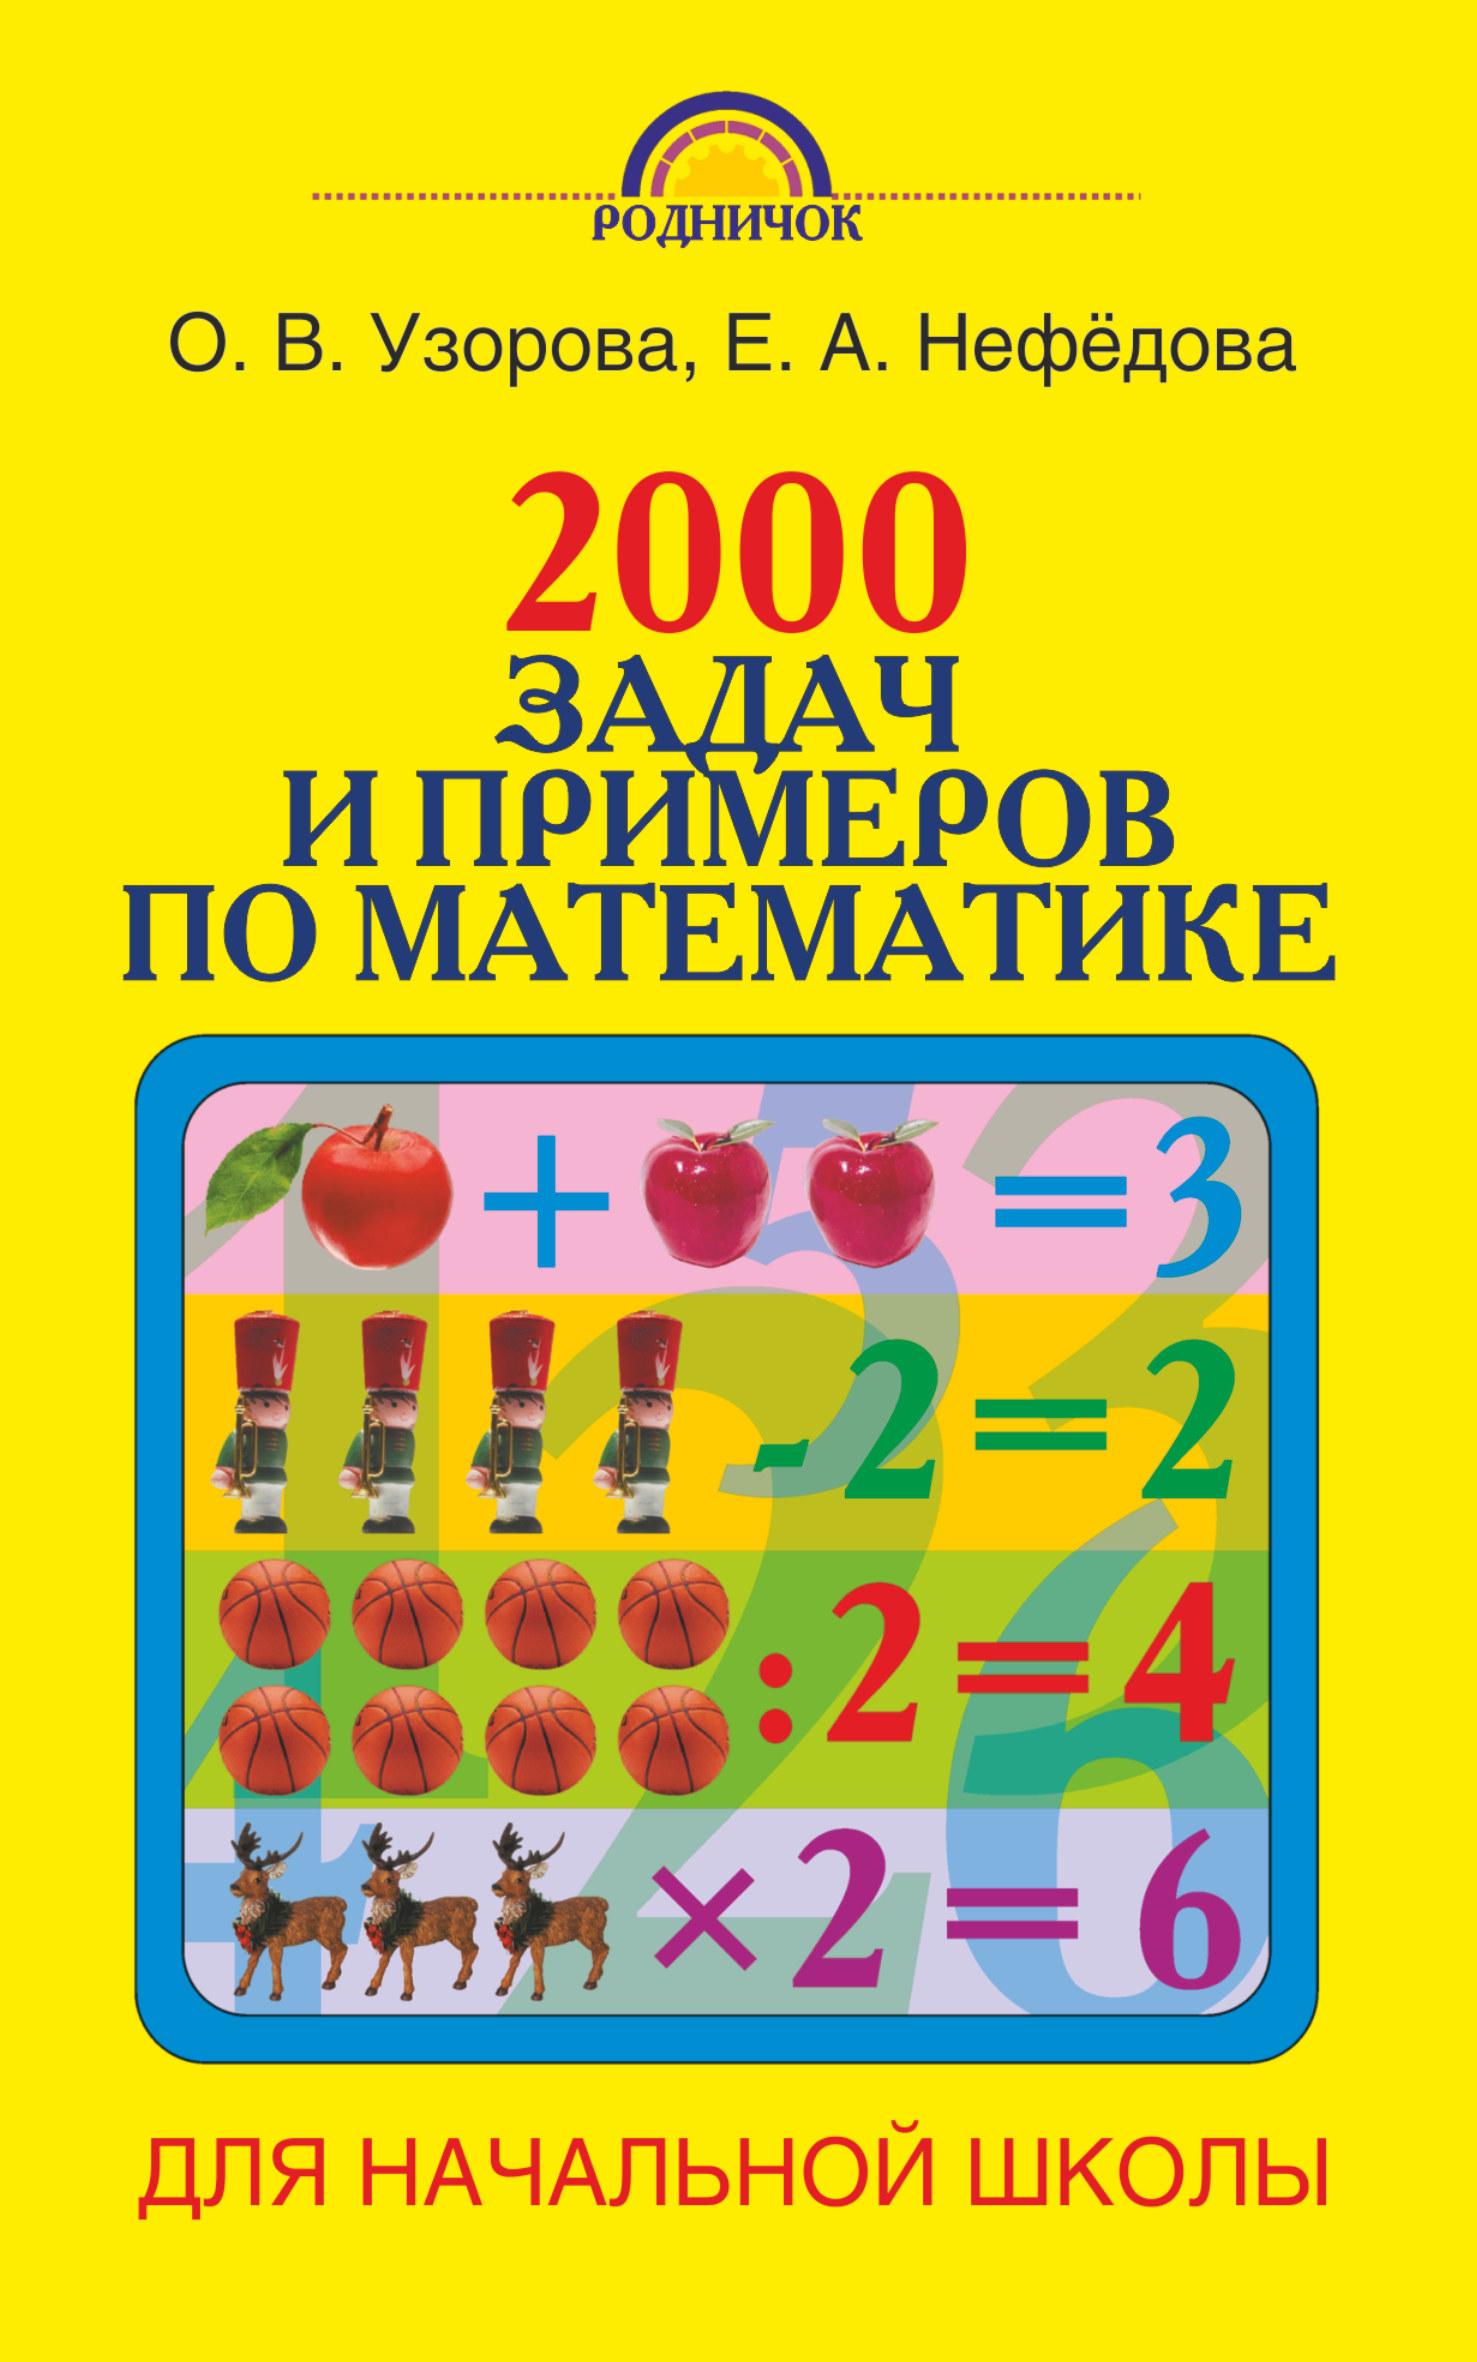 2000 задач и примеров по математике для начальной школы